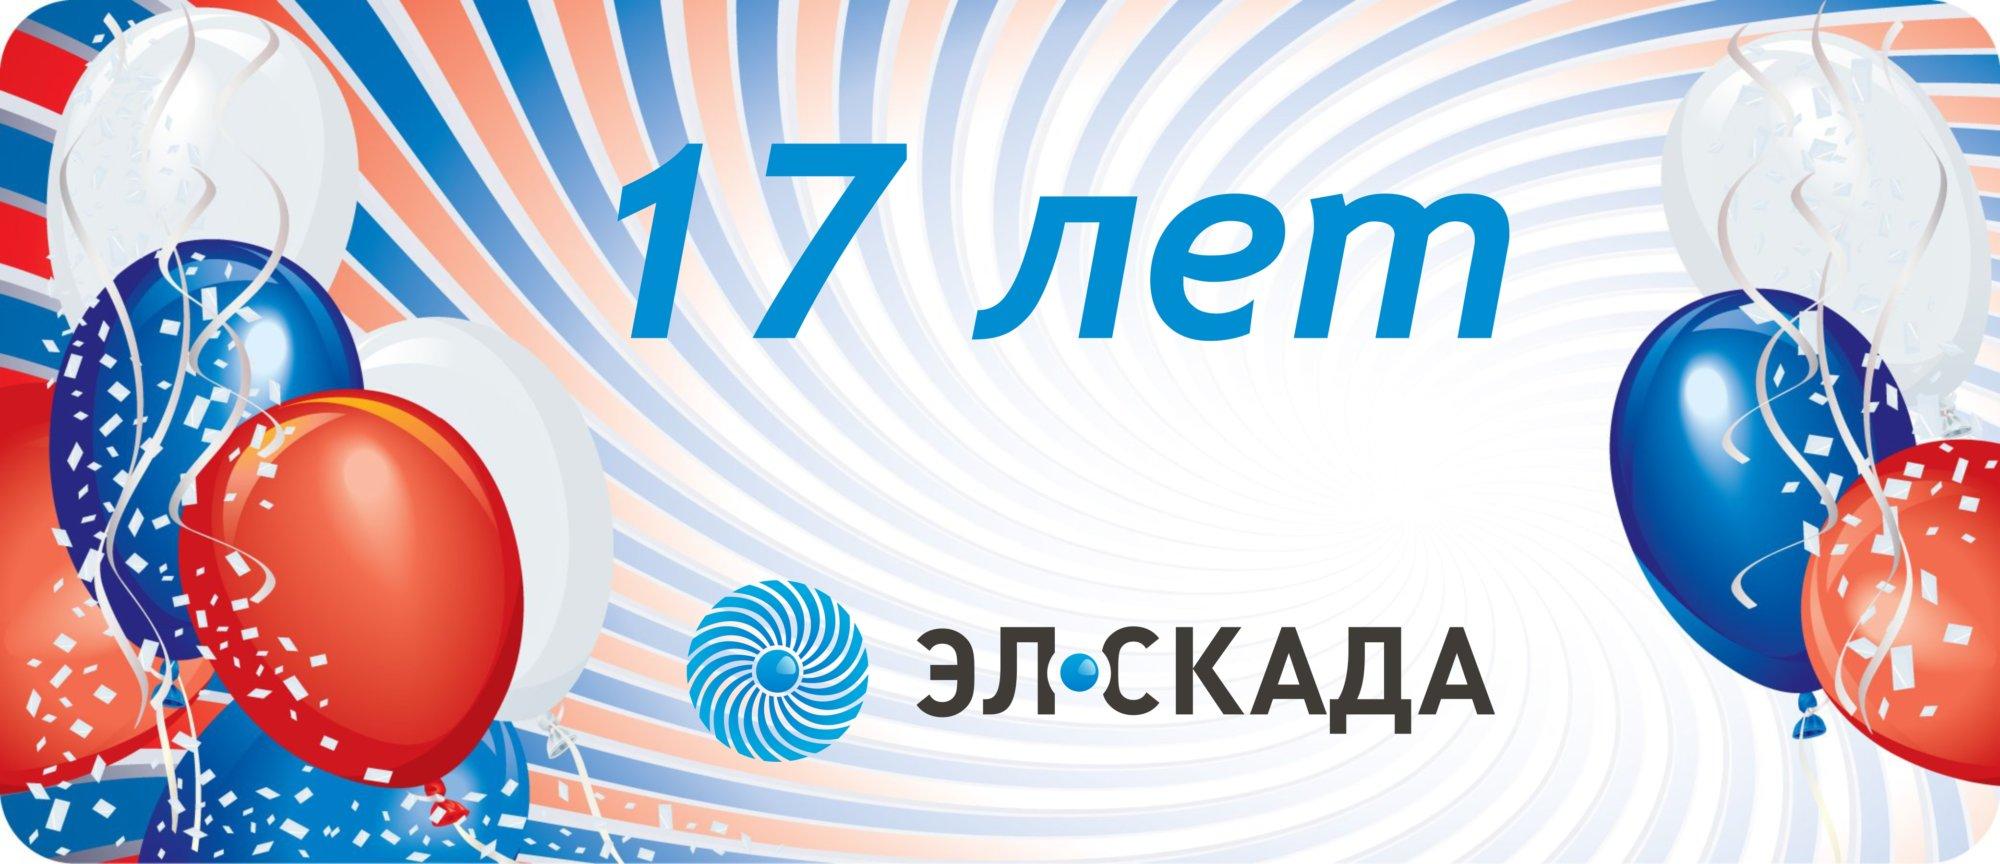 17-let-e1634296134621